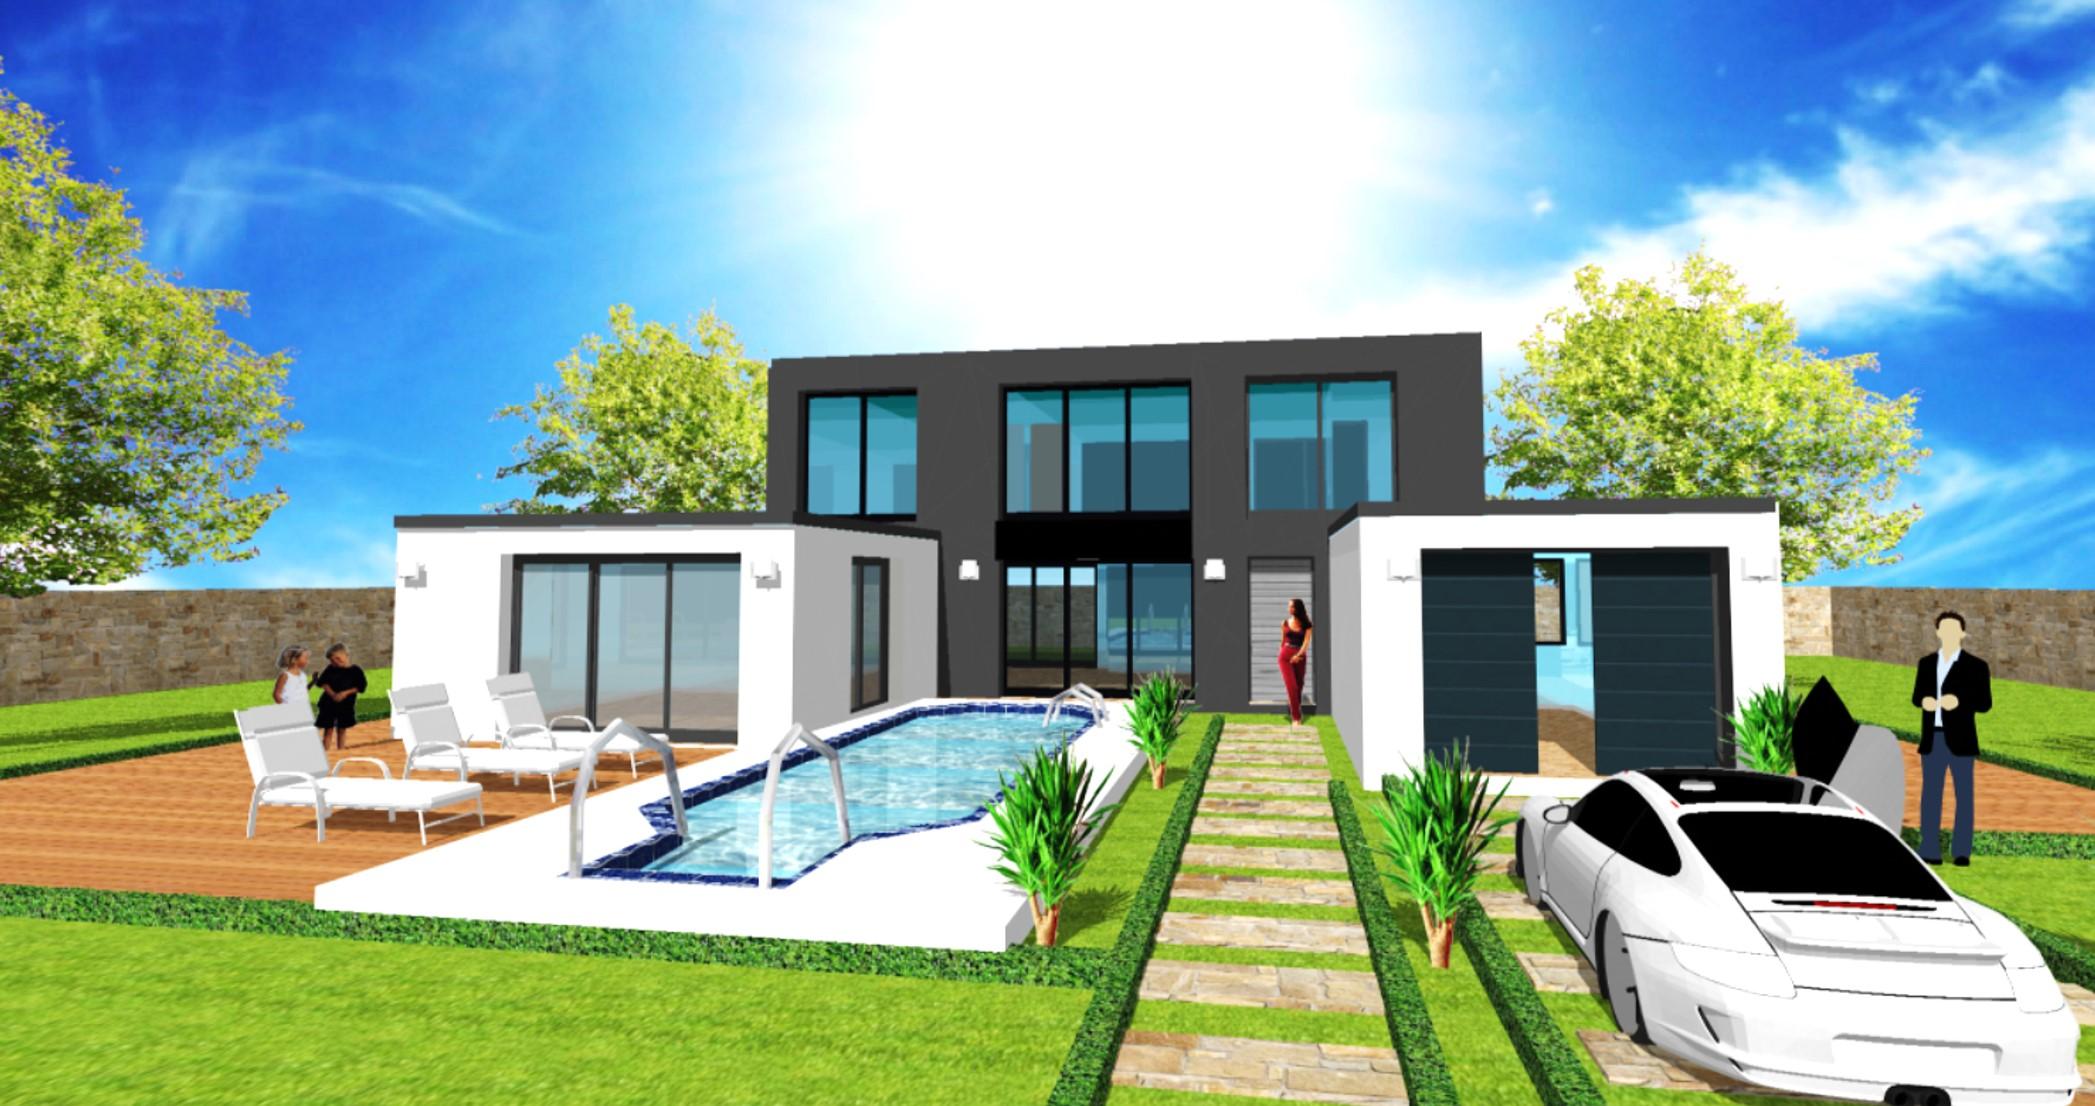 Maison En U Plan Maison Gratuit Maisons Clair Logis 12